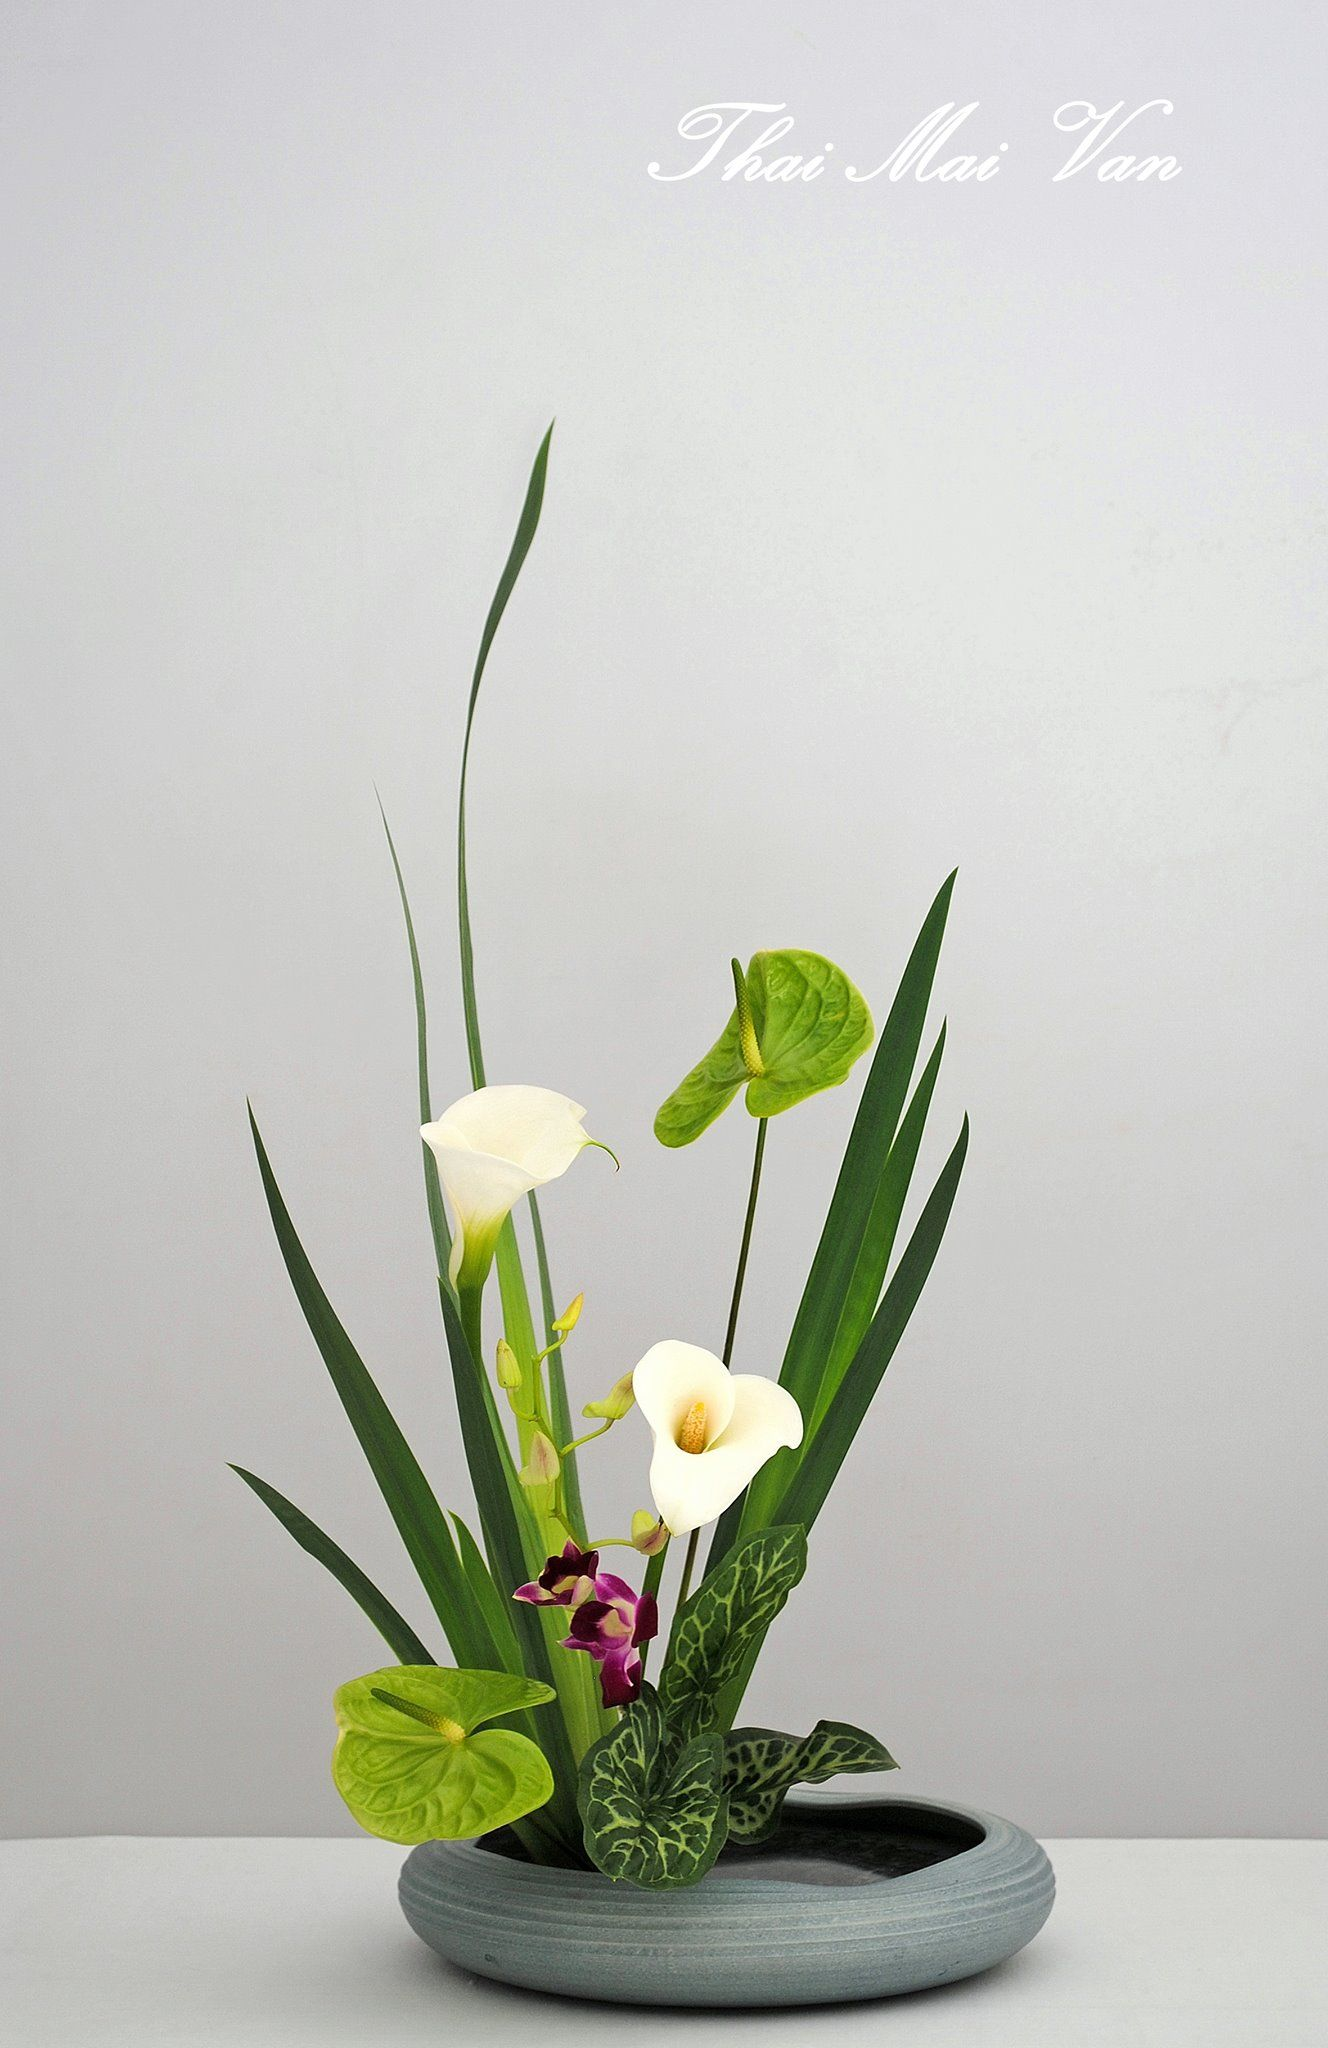 Ikebana Flower Vase Arrangements